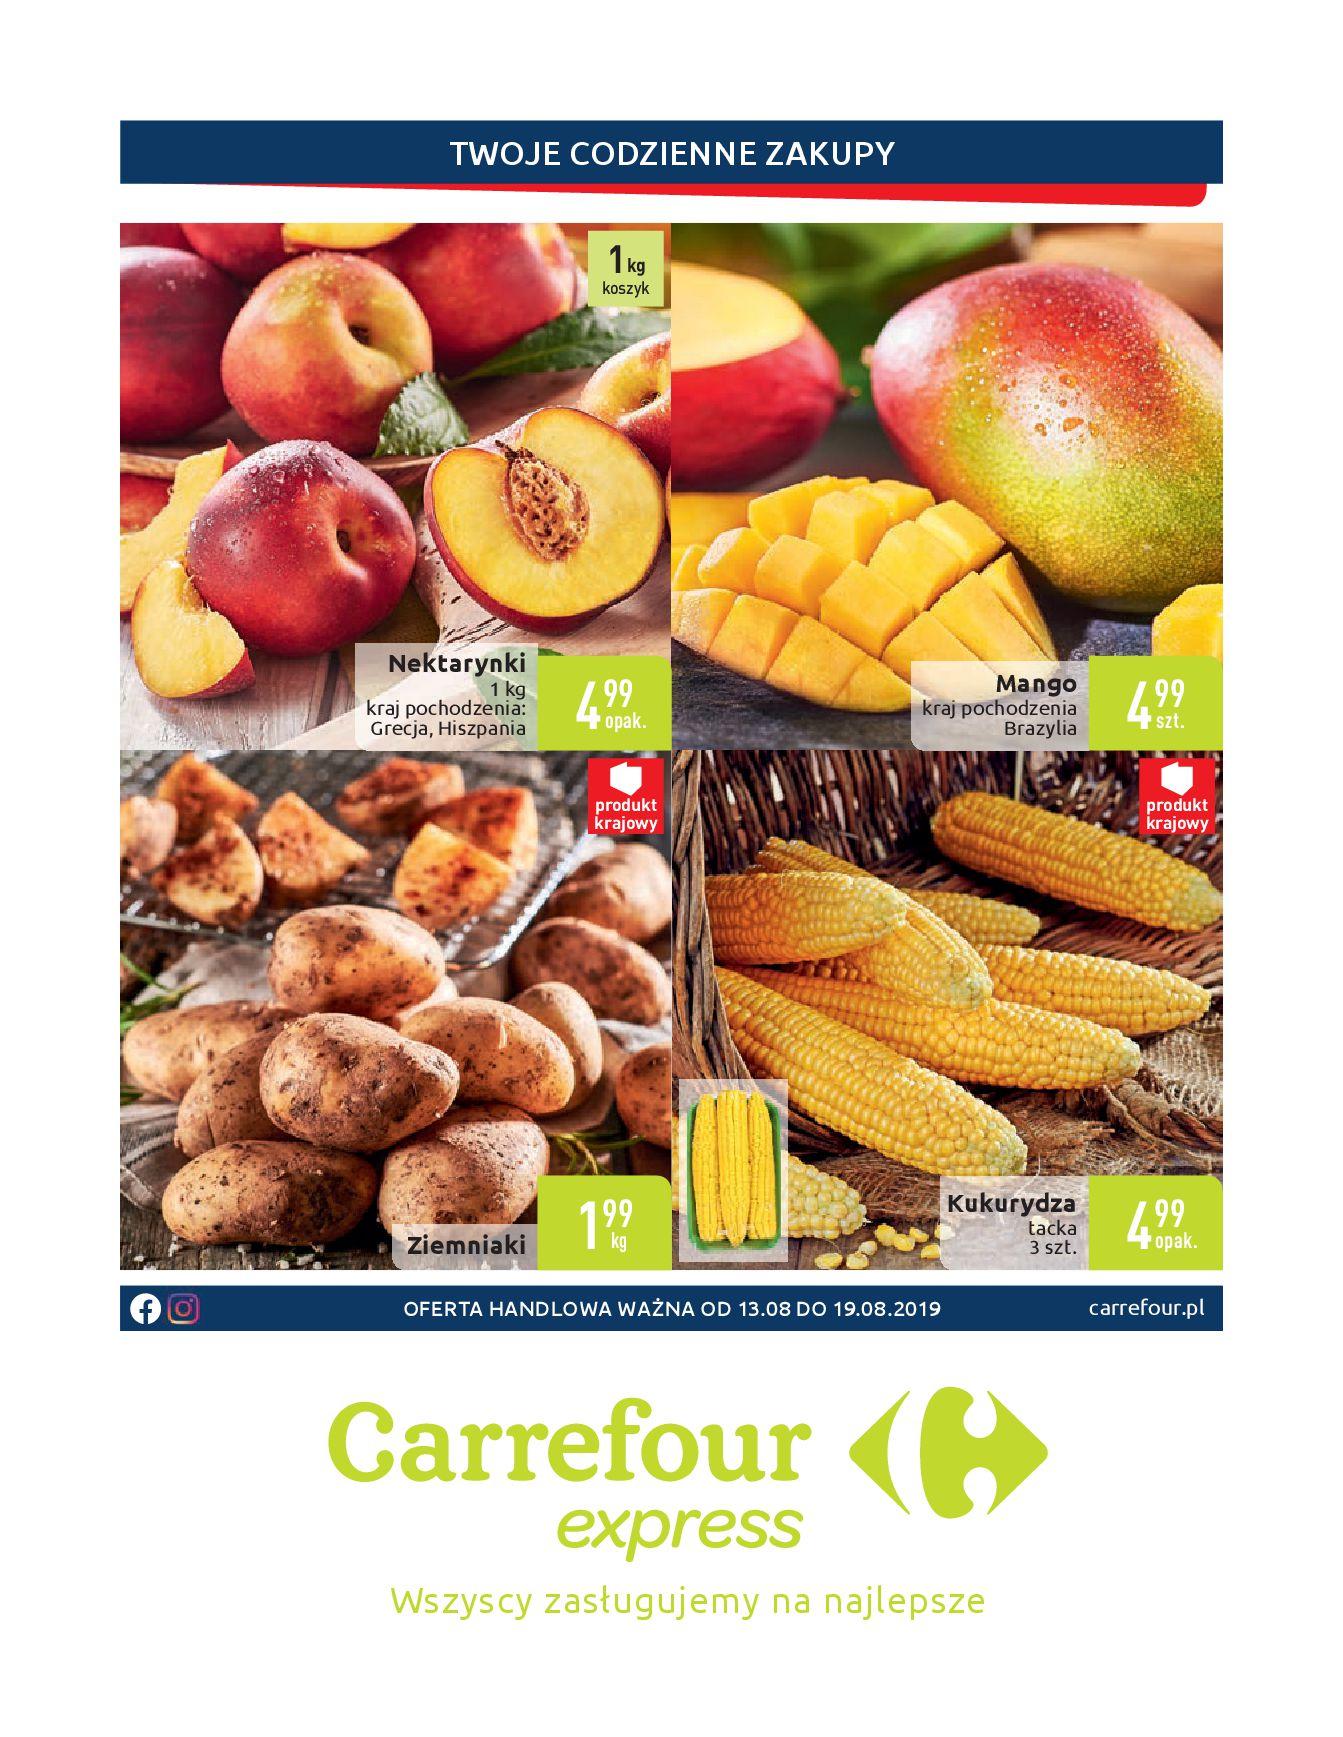 Gazetka Carrefour Express - Twoje codzienne zakupy-12.08.2019-19.08.2019-page-